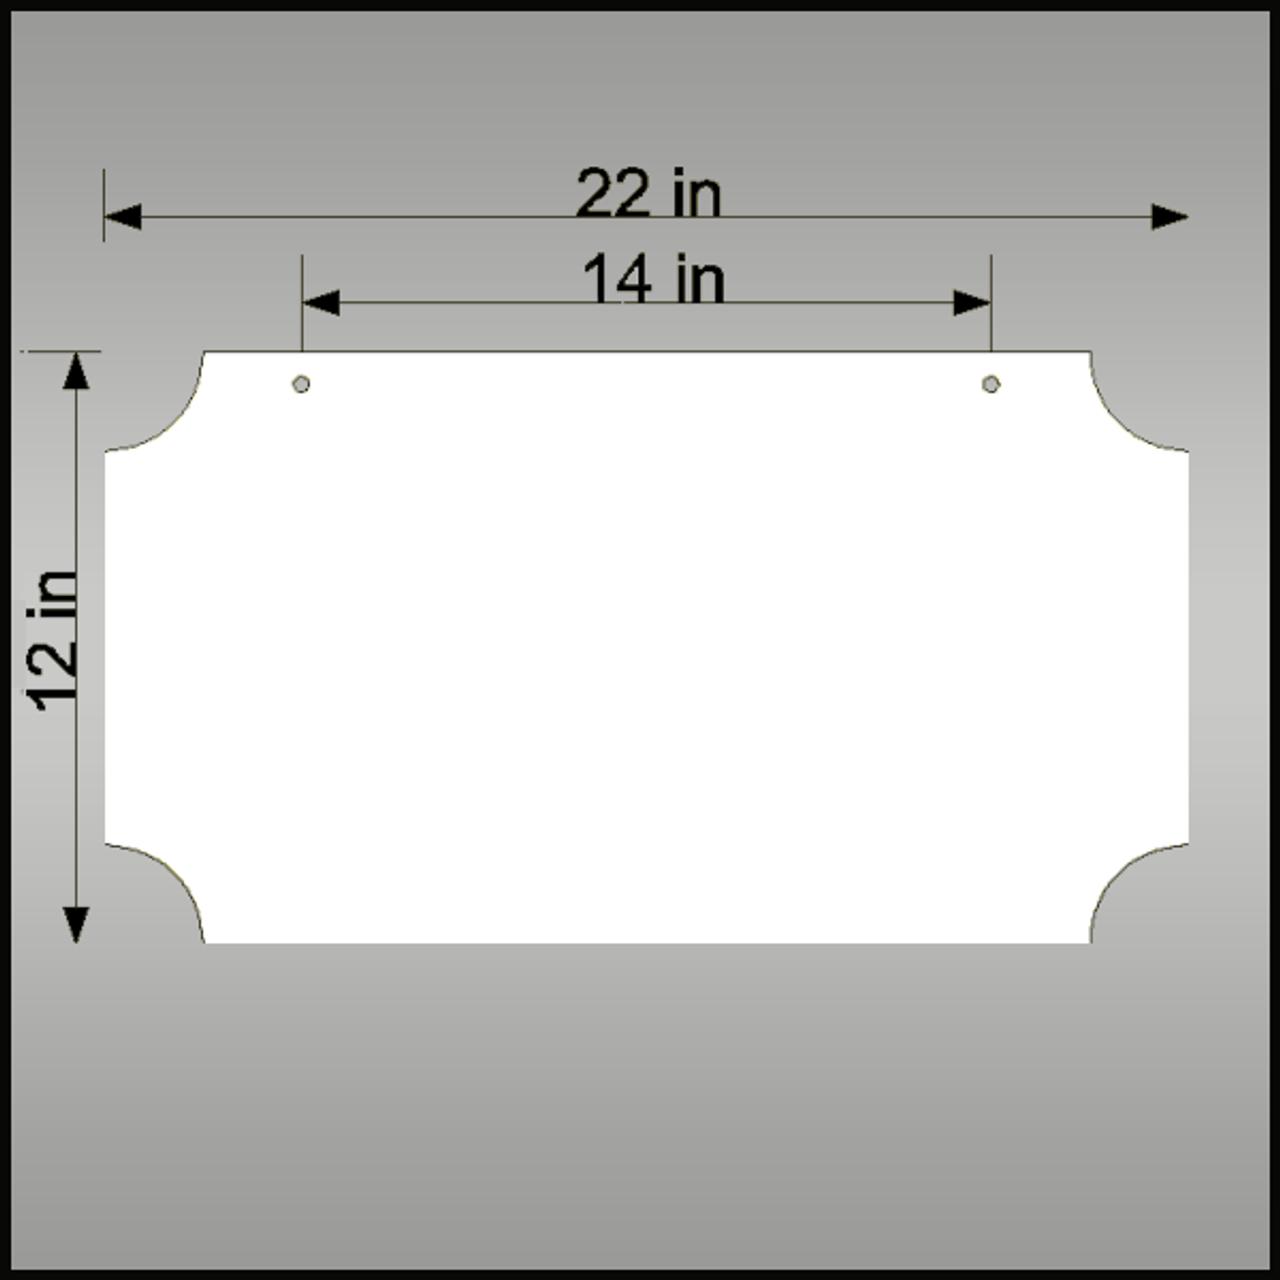 X-AB-INVT-063-1222-C20